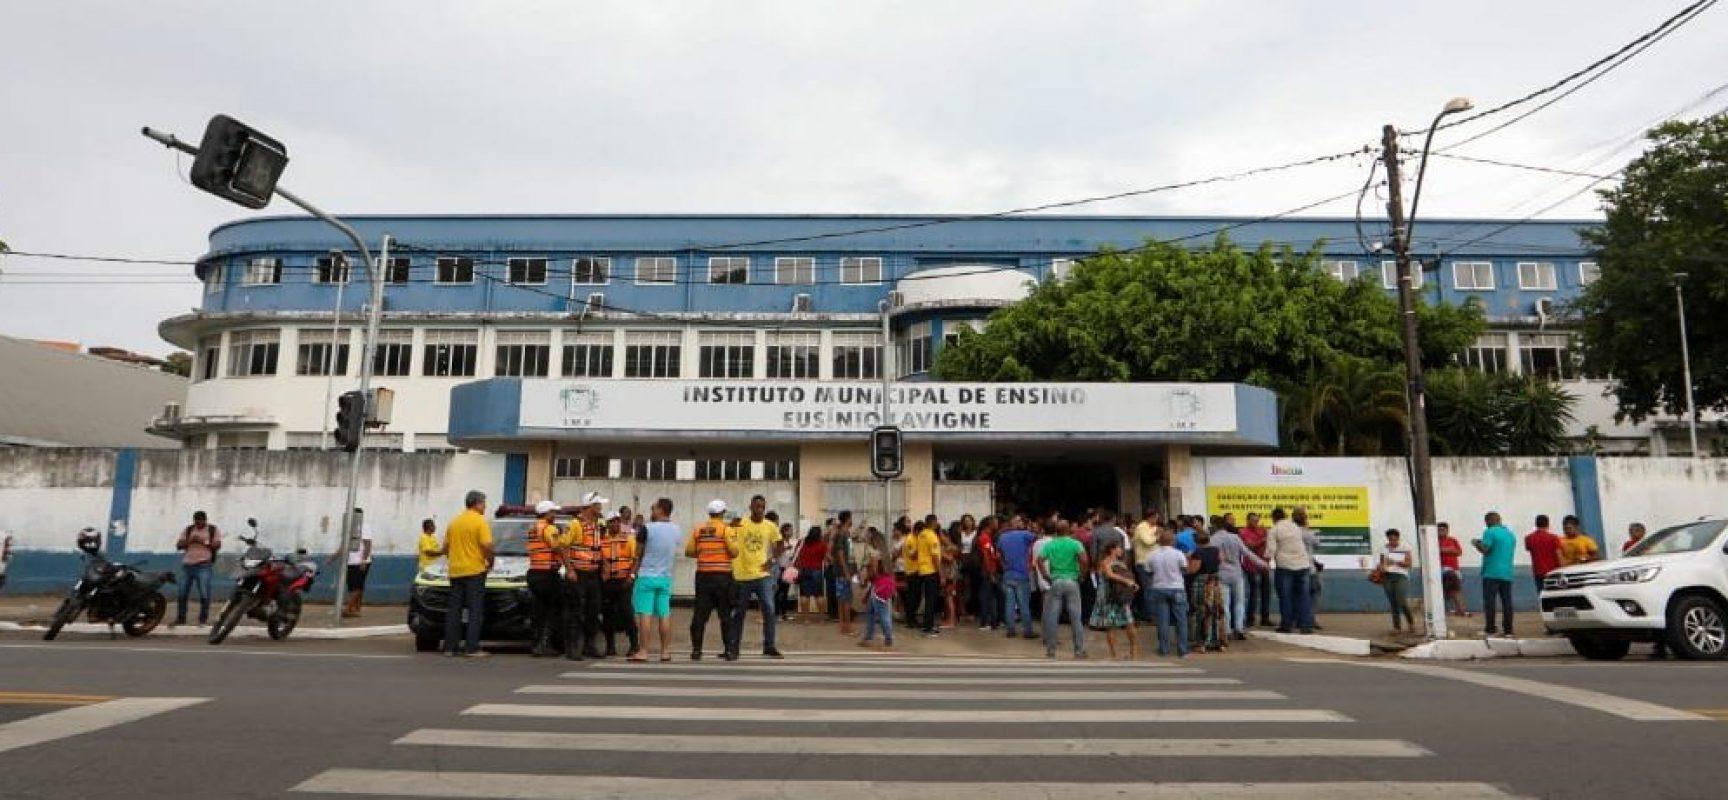 ILHÉUS: Alunos do IME utilizarão espaço da Faculdade Madre Thaís durante reforma